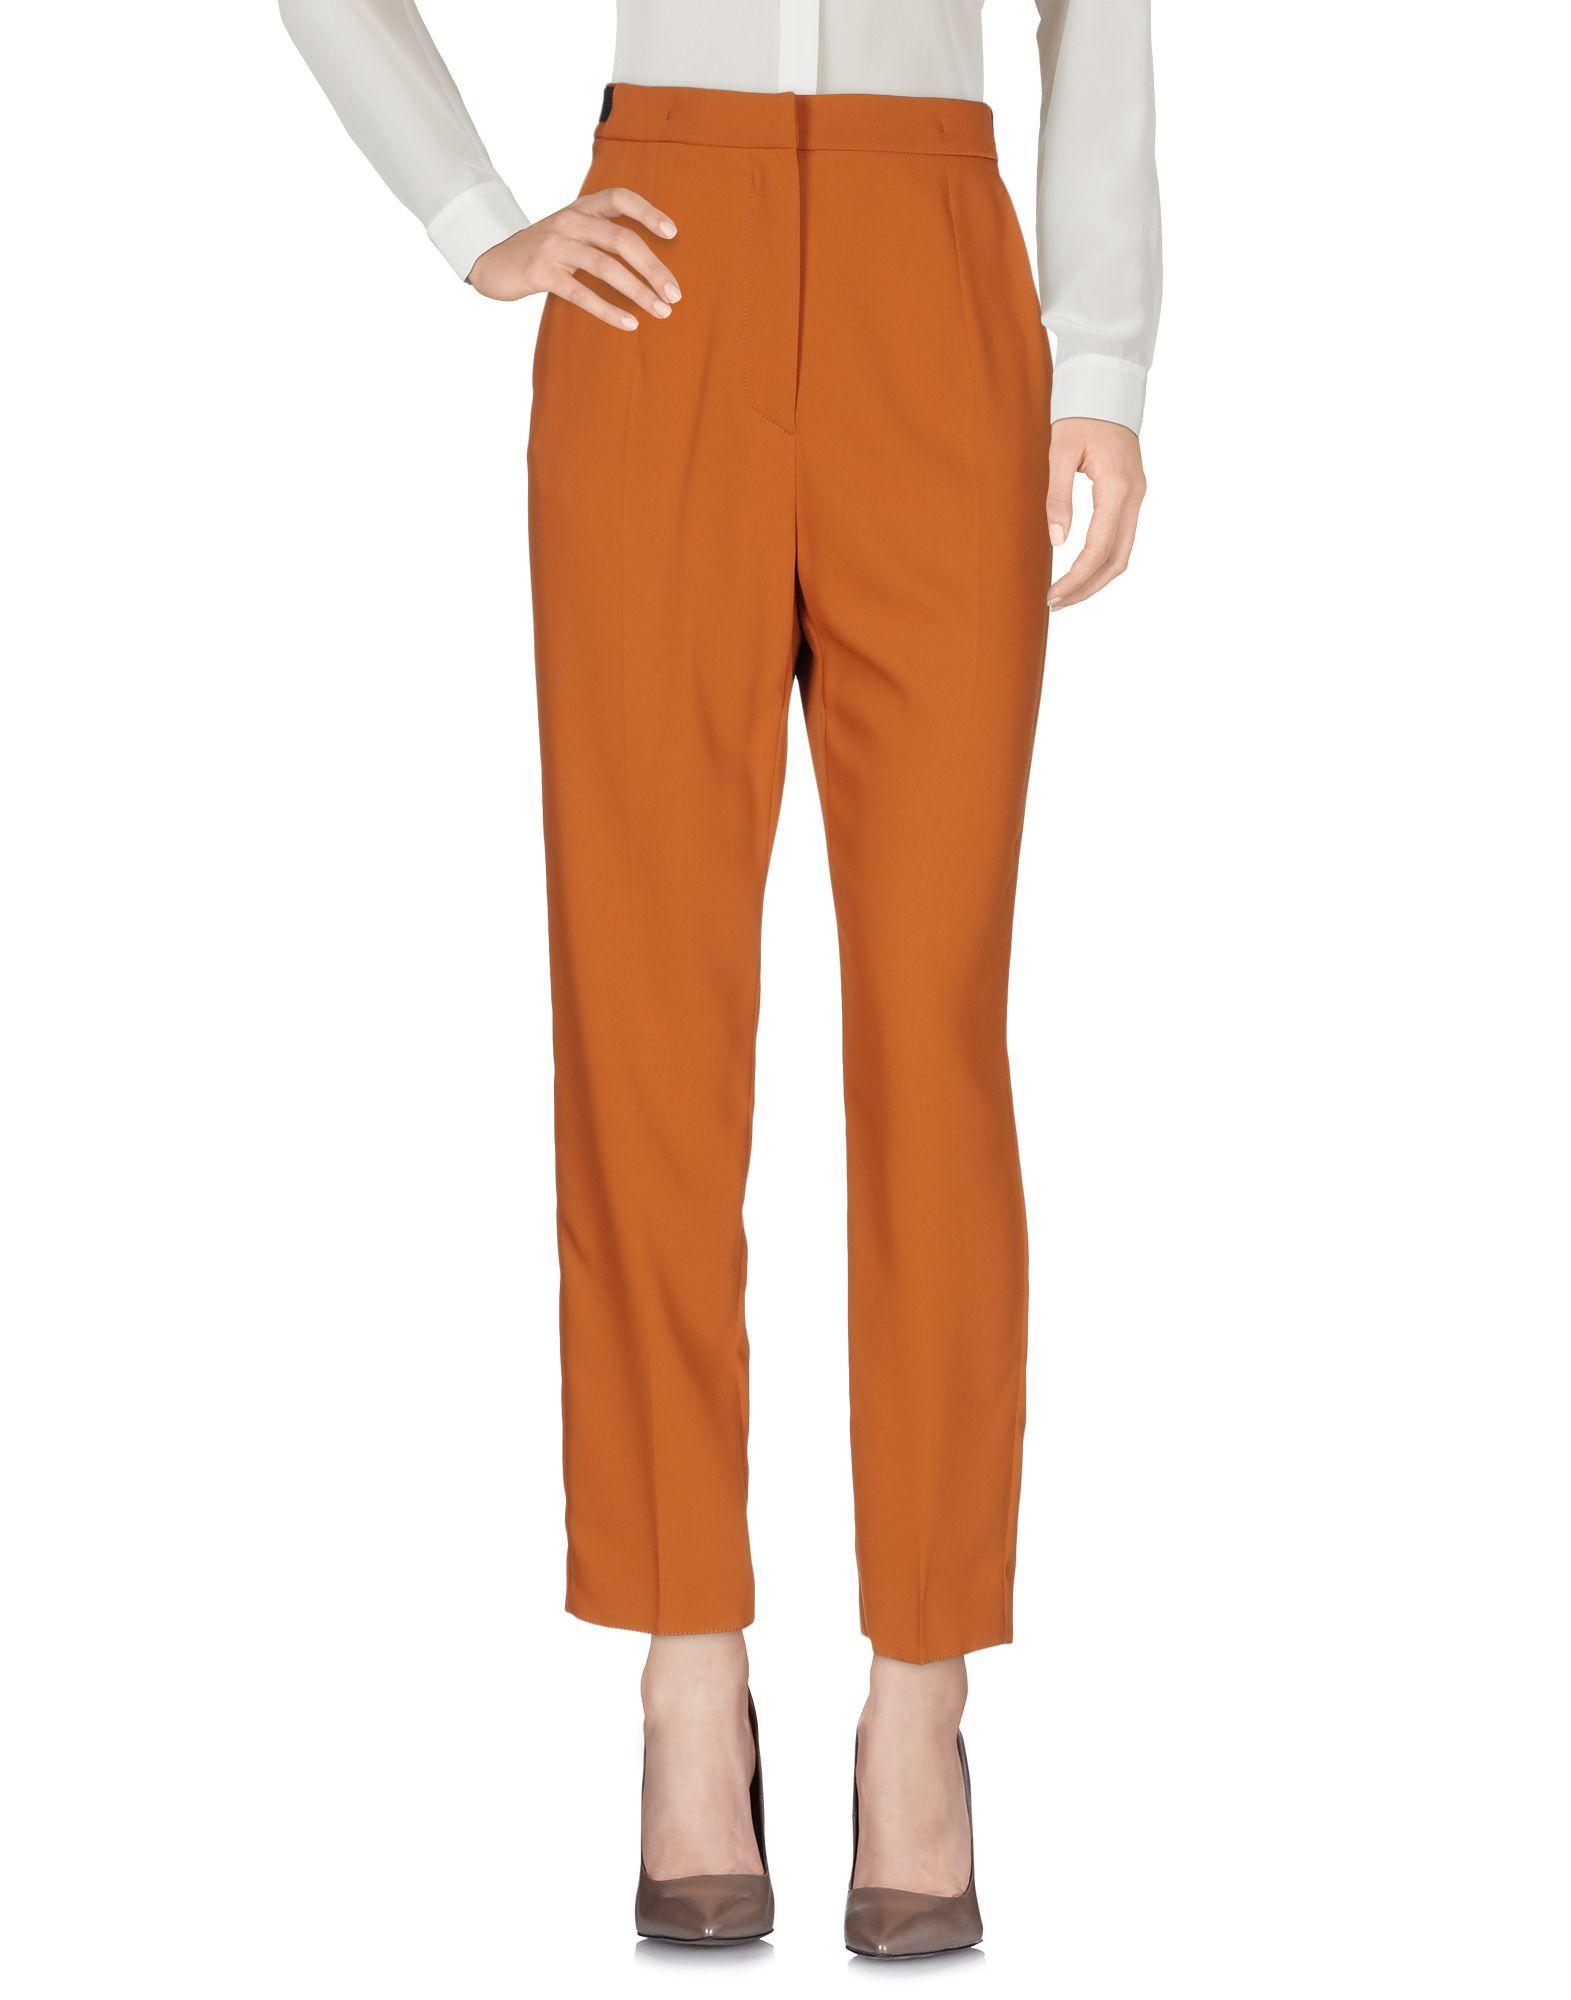 MM6 MAISON MARGIELA Повседневные брюки брюки maison martin margiela брюки зауженные